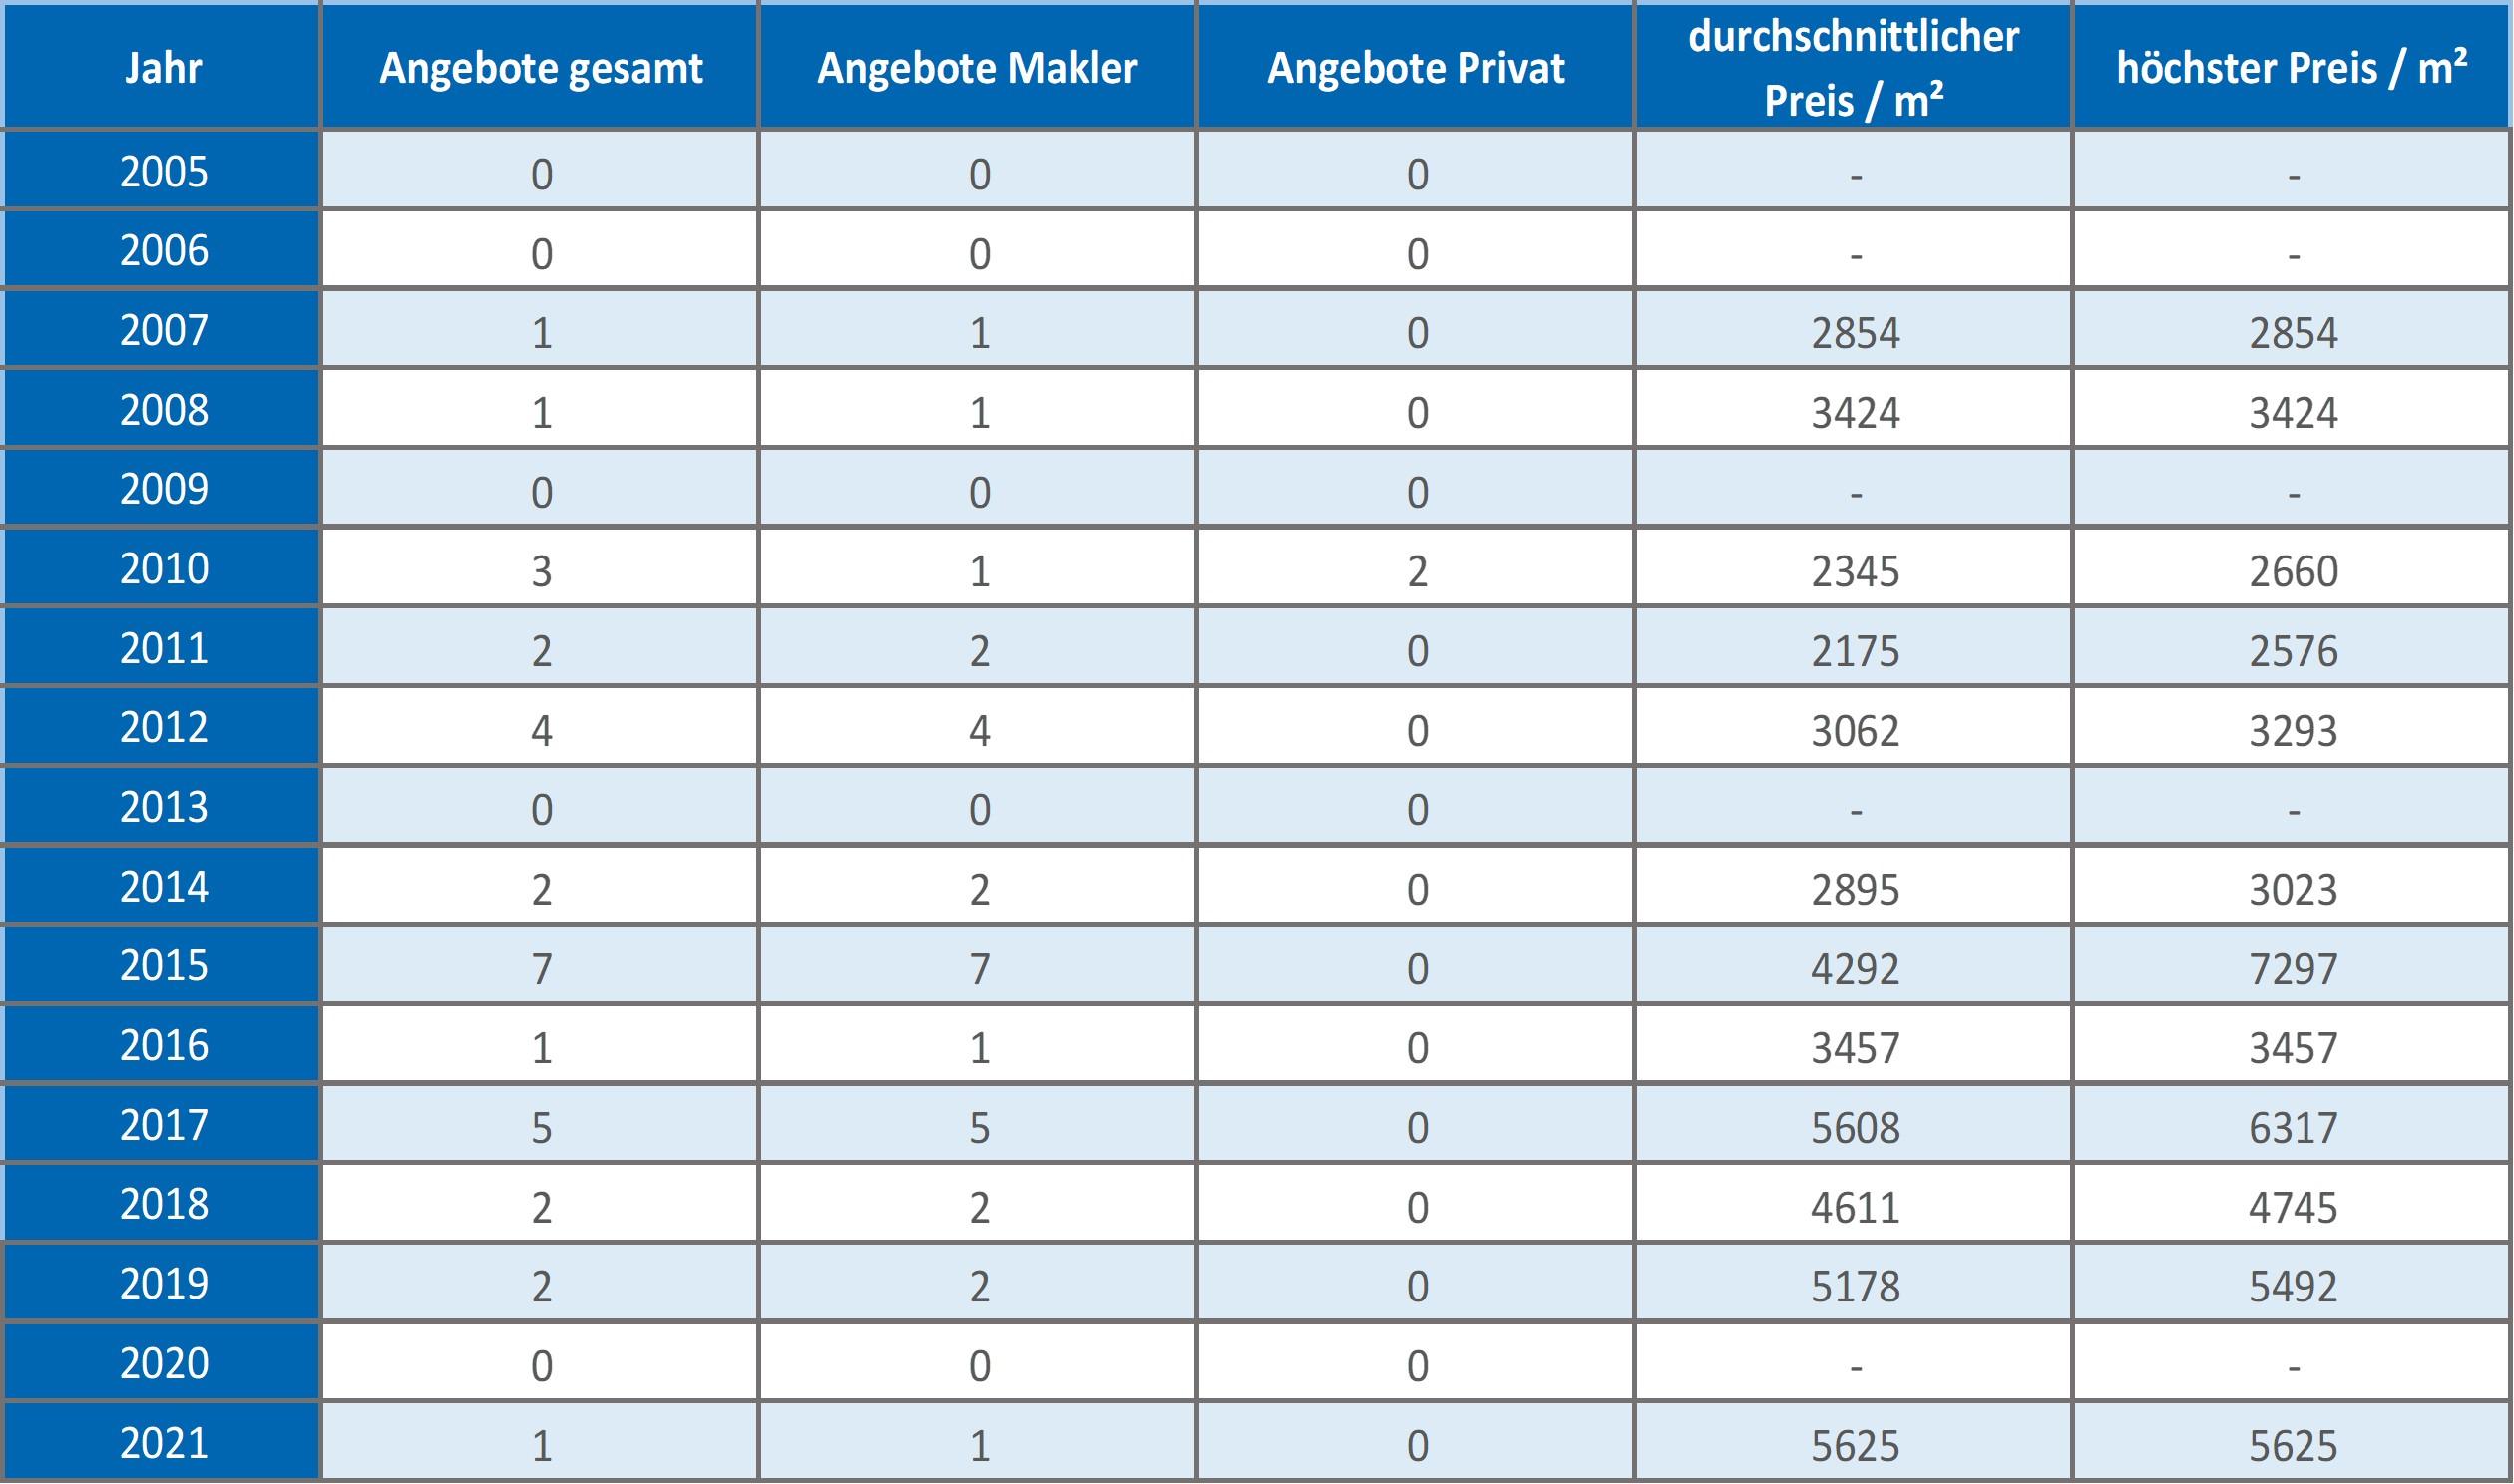 Inning am Ammersee Mehrfamilienhaus kaufen verkaufen Preis Bewertung 2019 2020 2021  Makler www.happy-immo.de